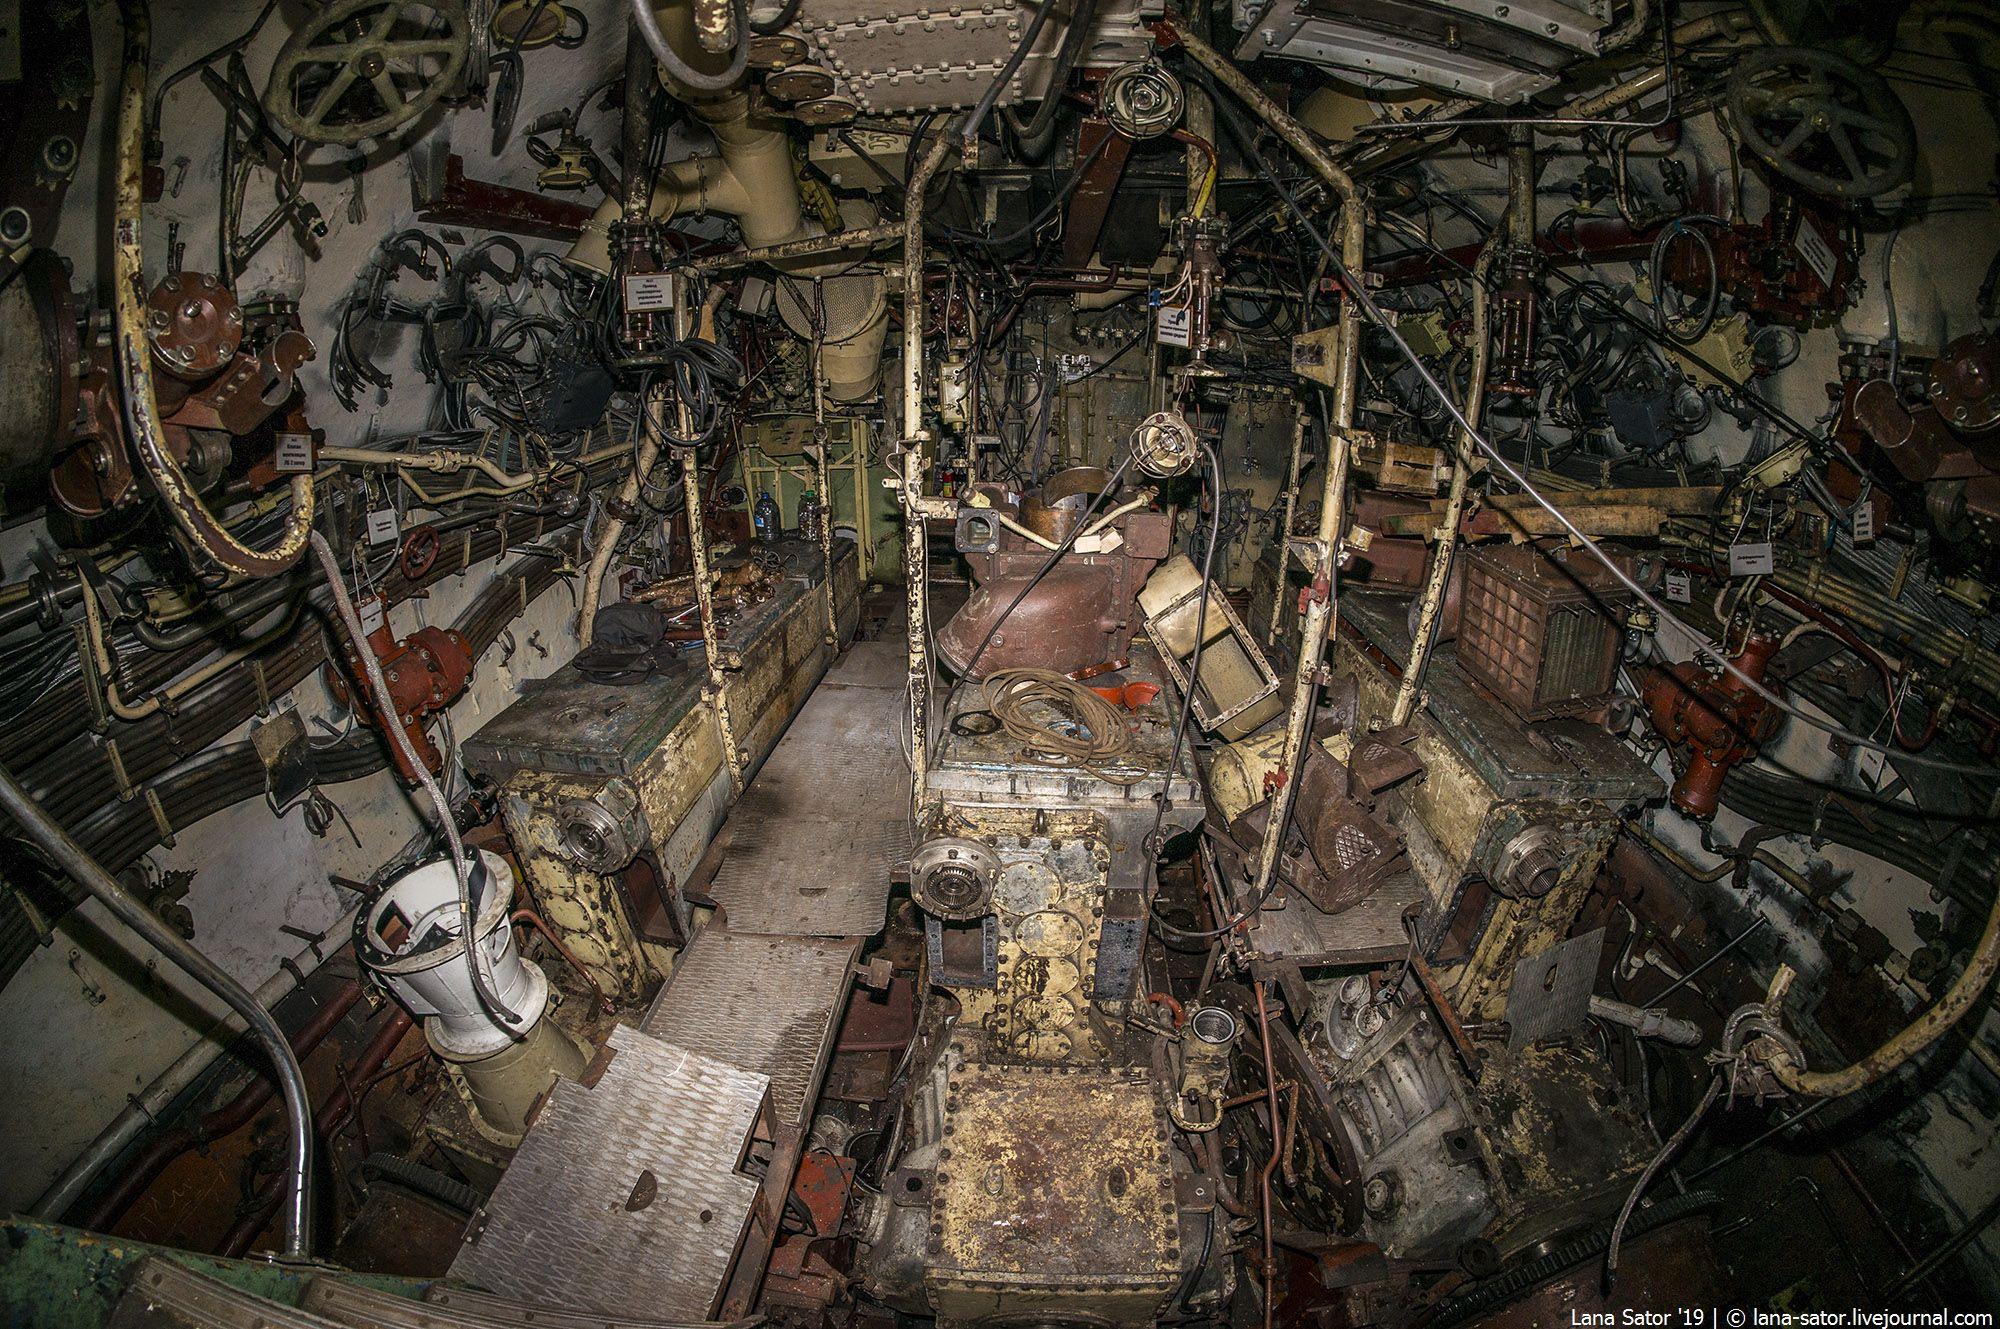 Ржавая подводная лодка